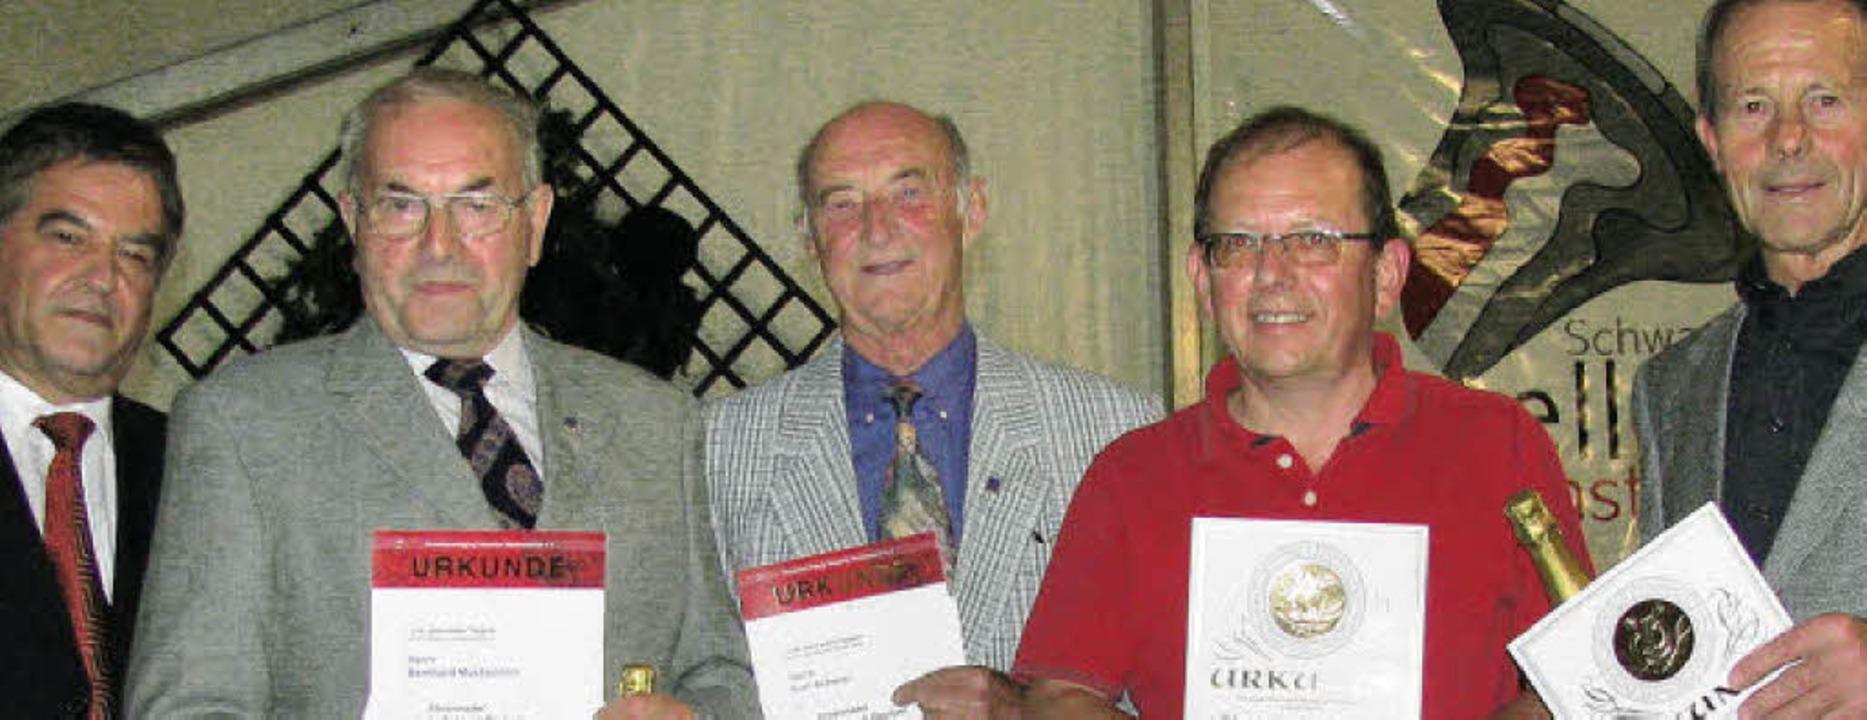 Bernhard Metzger vom Markgräfler Musik...Josef Wiesler (50 Jahre) (von links).   | Foto: Lange